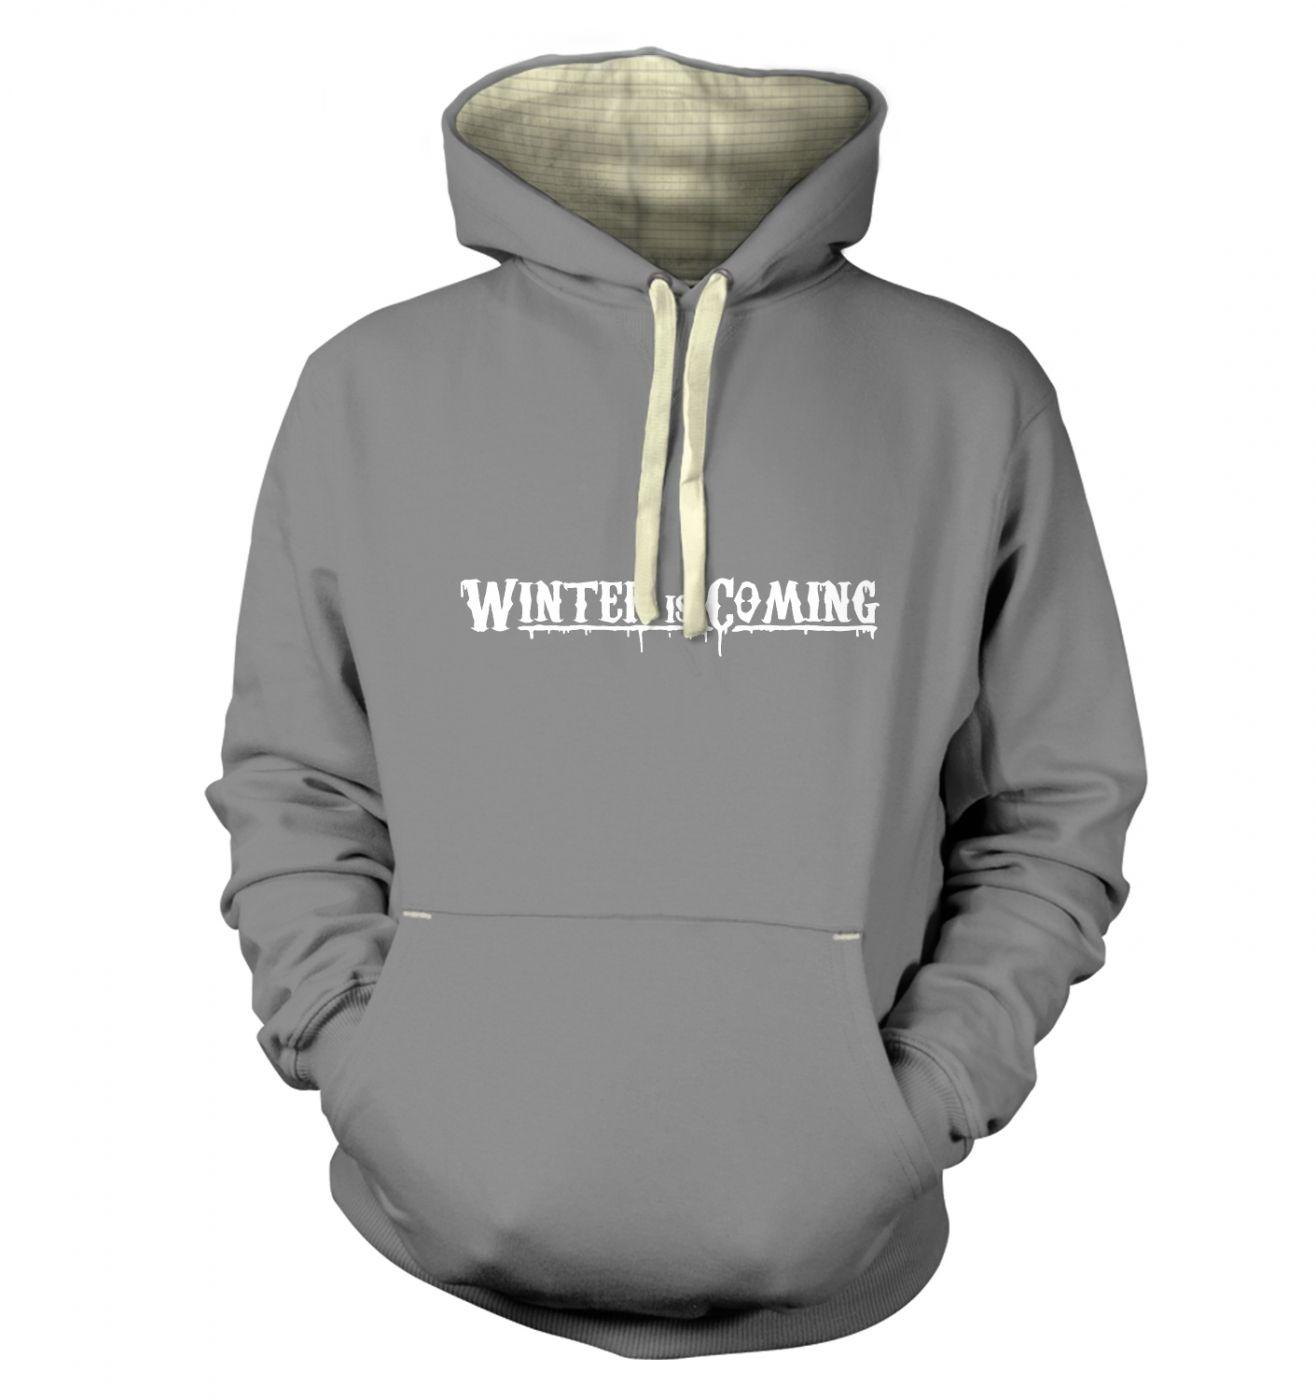 Winter Is Coming premium hoodie